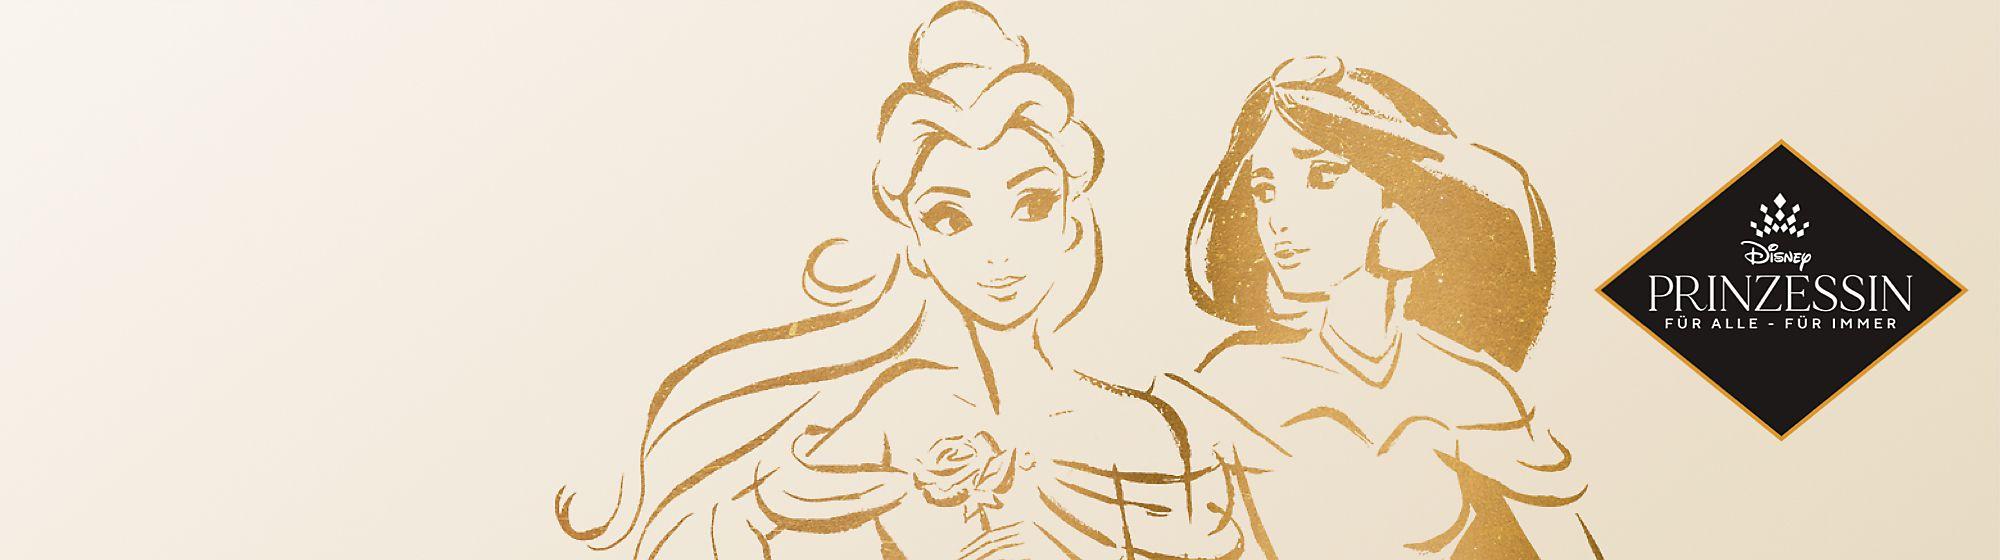 Disney Prinzessinnen für Erwachsene Erkunde unser zauberhaftes Sortiment an Bekleidungsstücken, Bechern und Geschenken im Stil der Disney Prinzessinnen